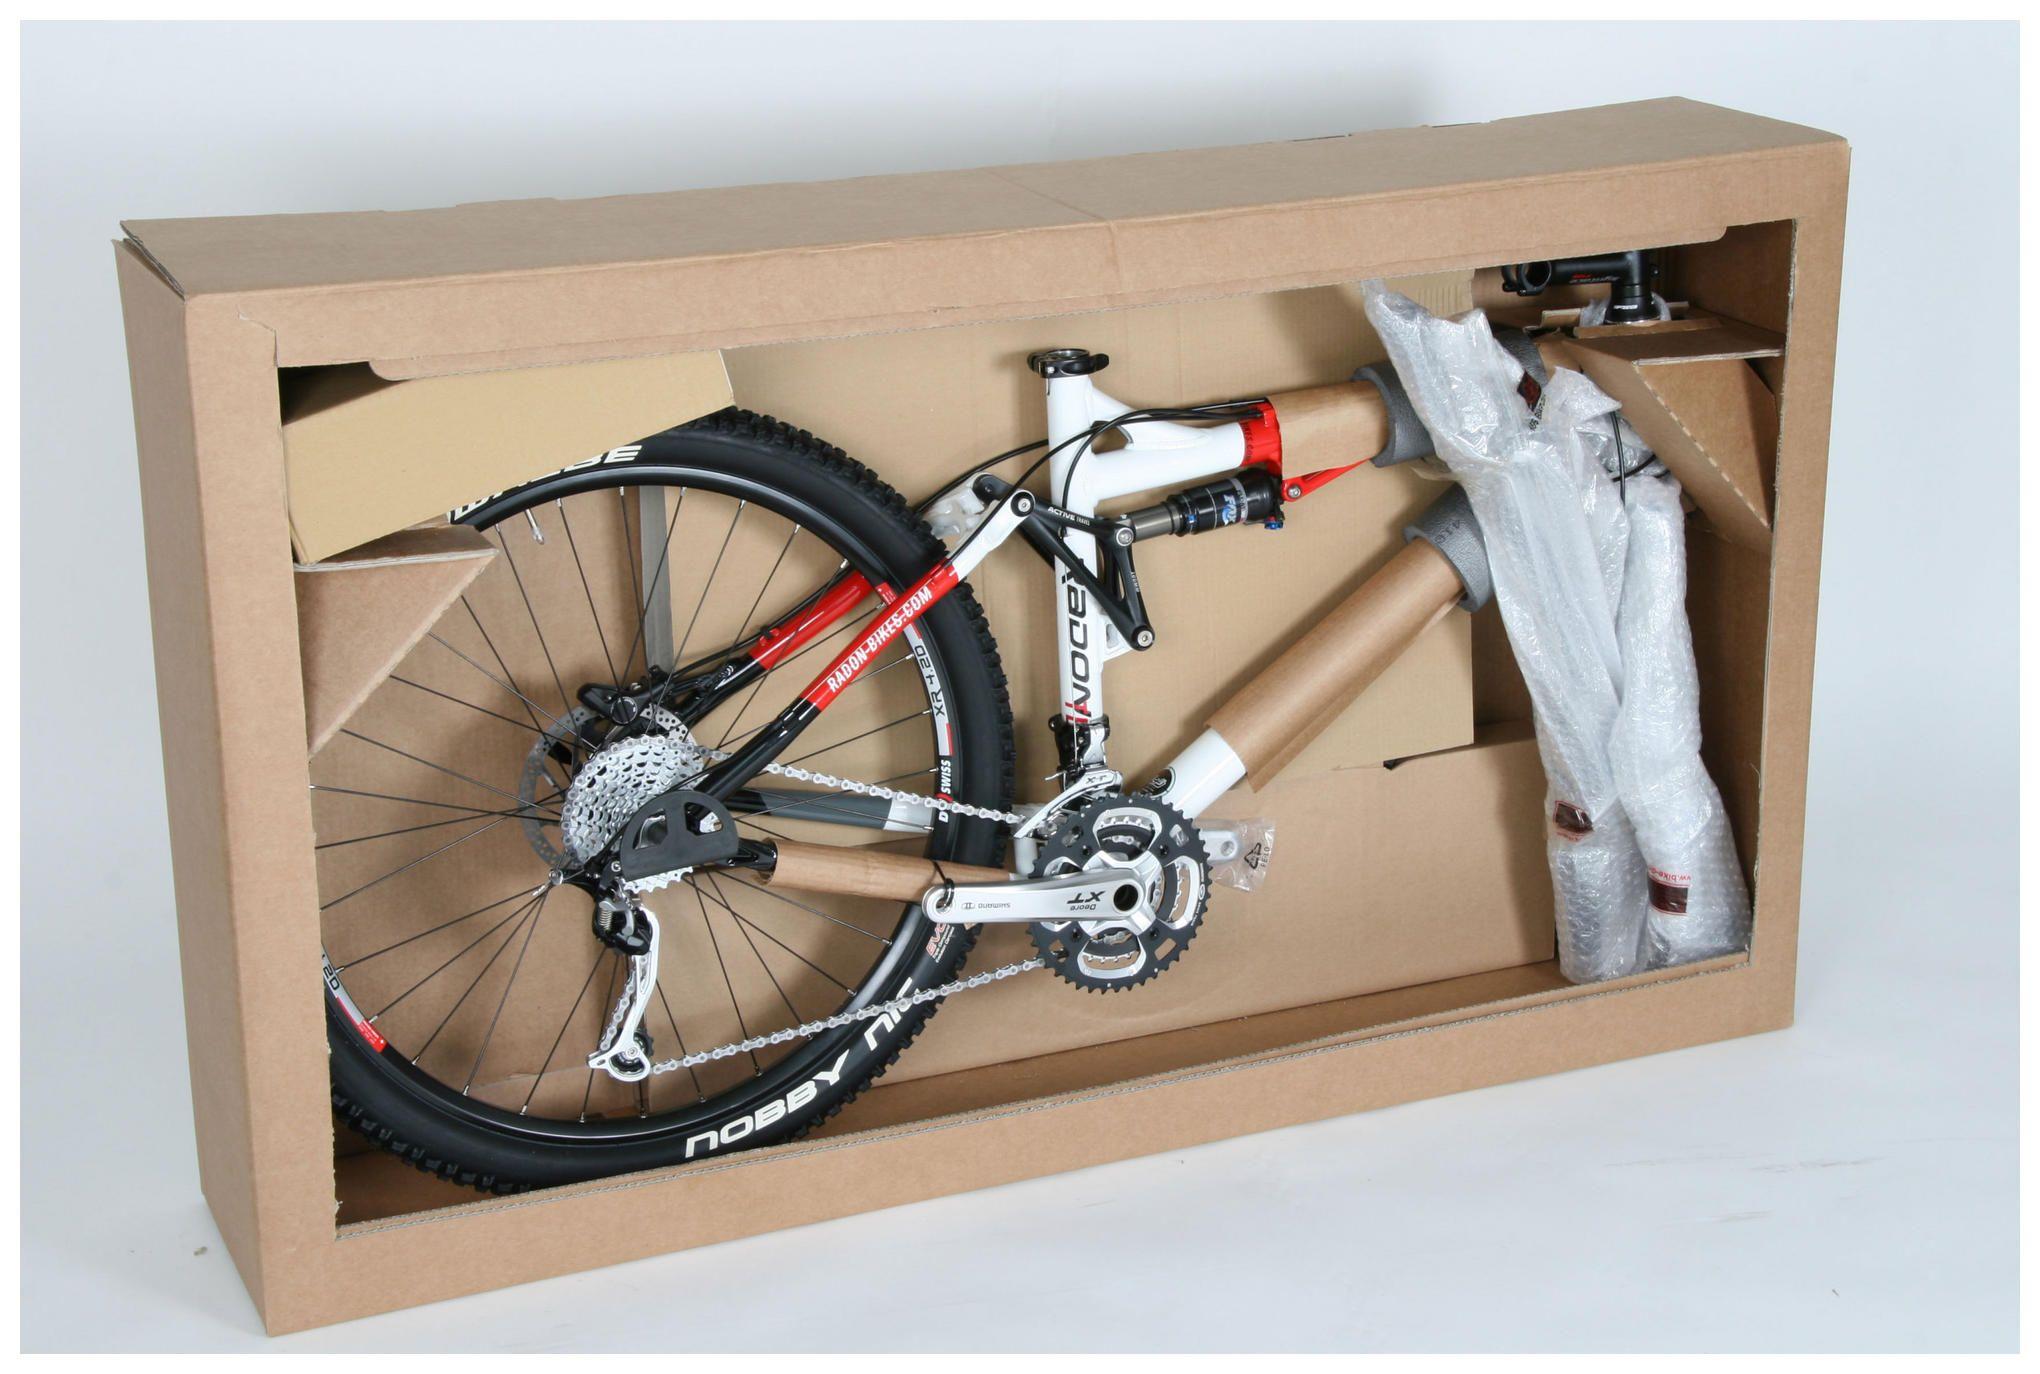 Radon Bike Box - Collo speciale comprare | Bike-Discount